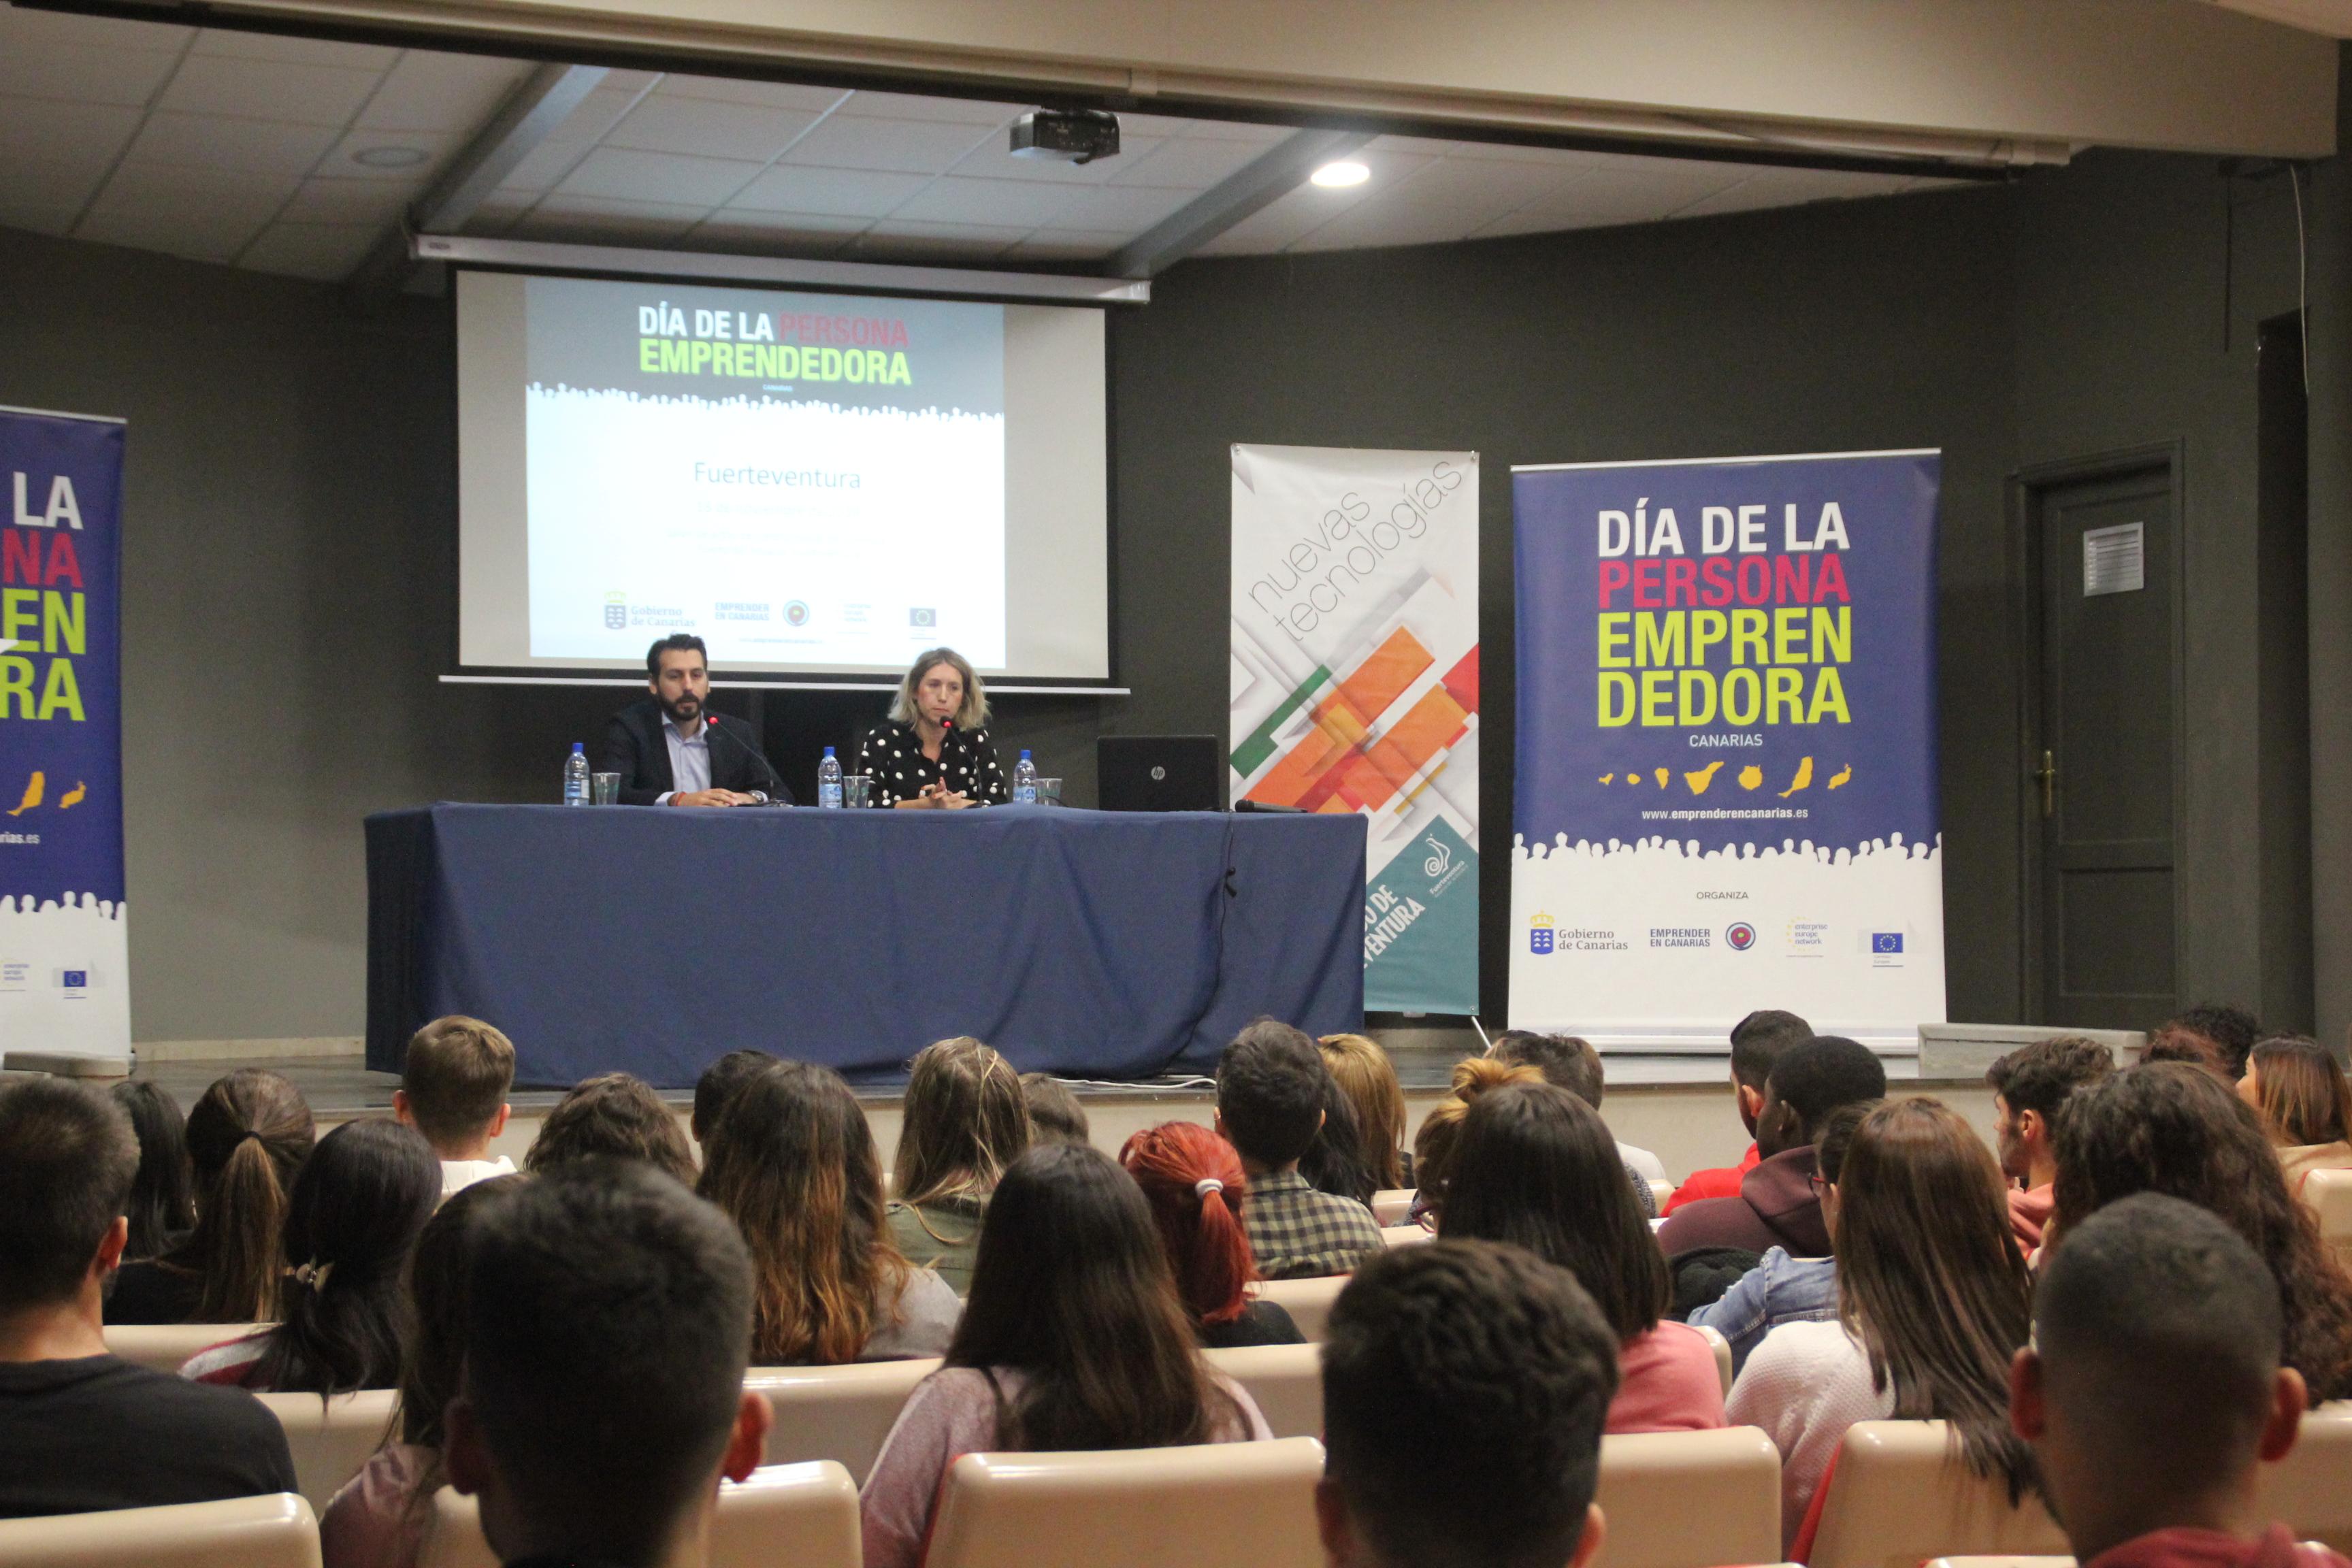 Cabildo de Fuerteventura y Gobierno de Canarias imparten unas jornadas por el 'Día de la Persona Emprendedora'